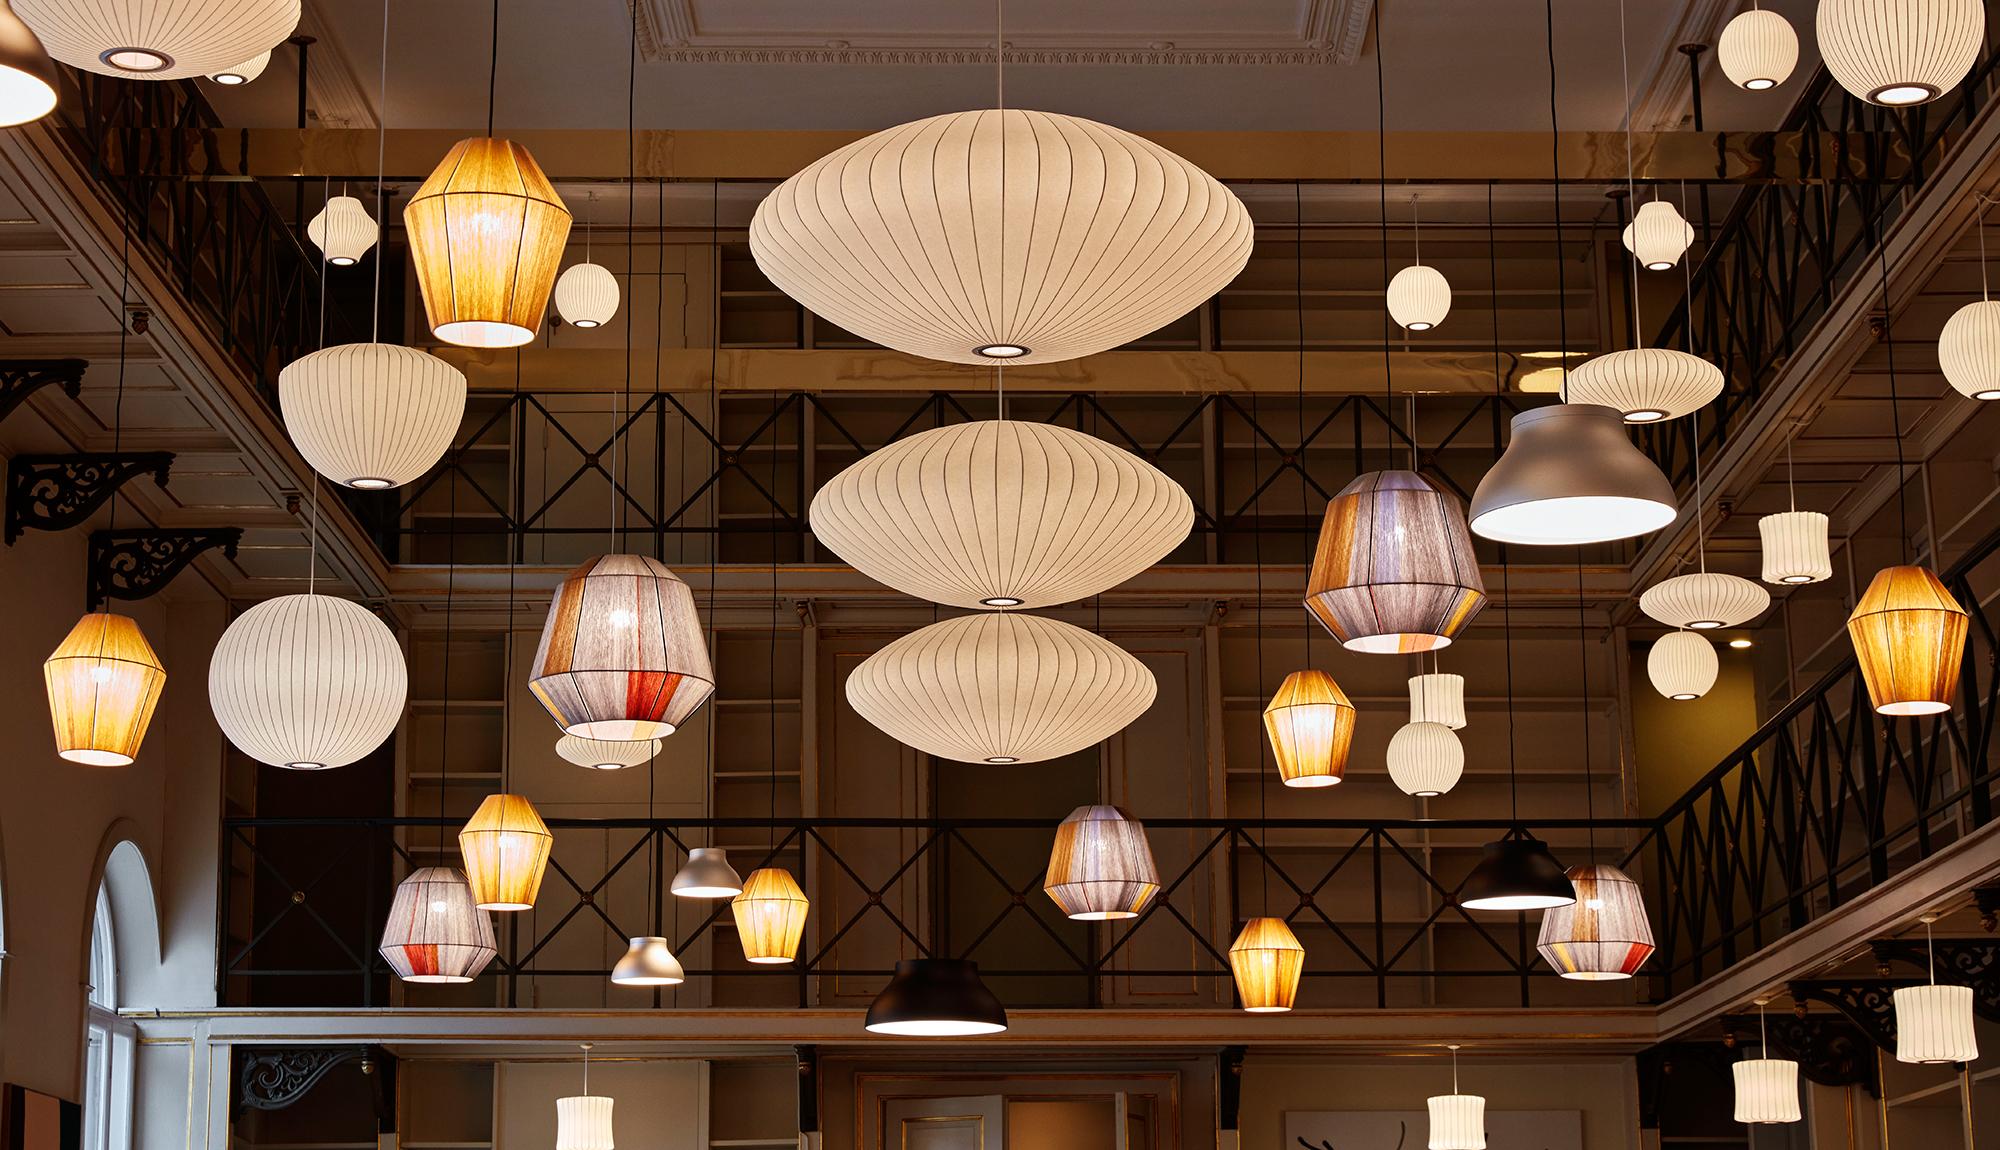 Nelson Saucer Bubble Myran Scandinavian Design